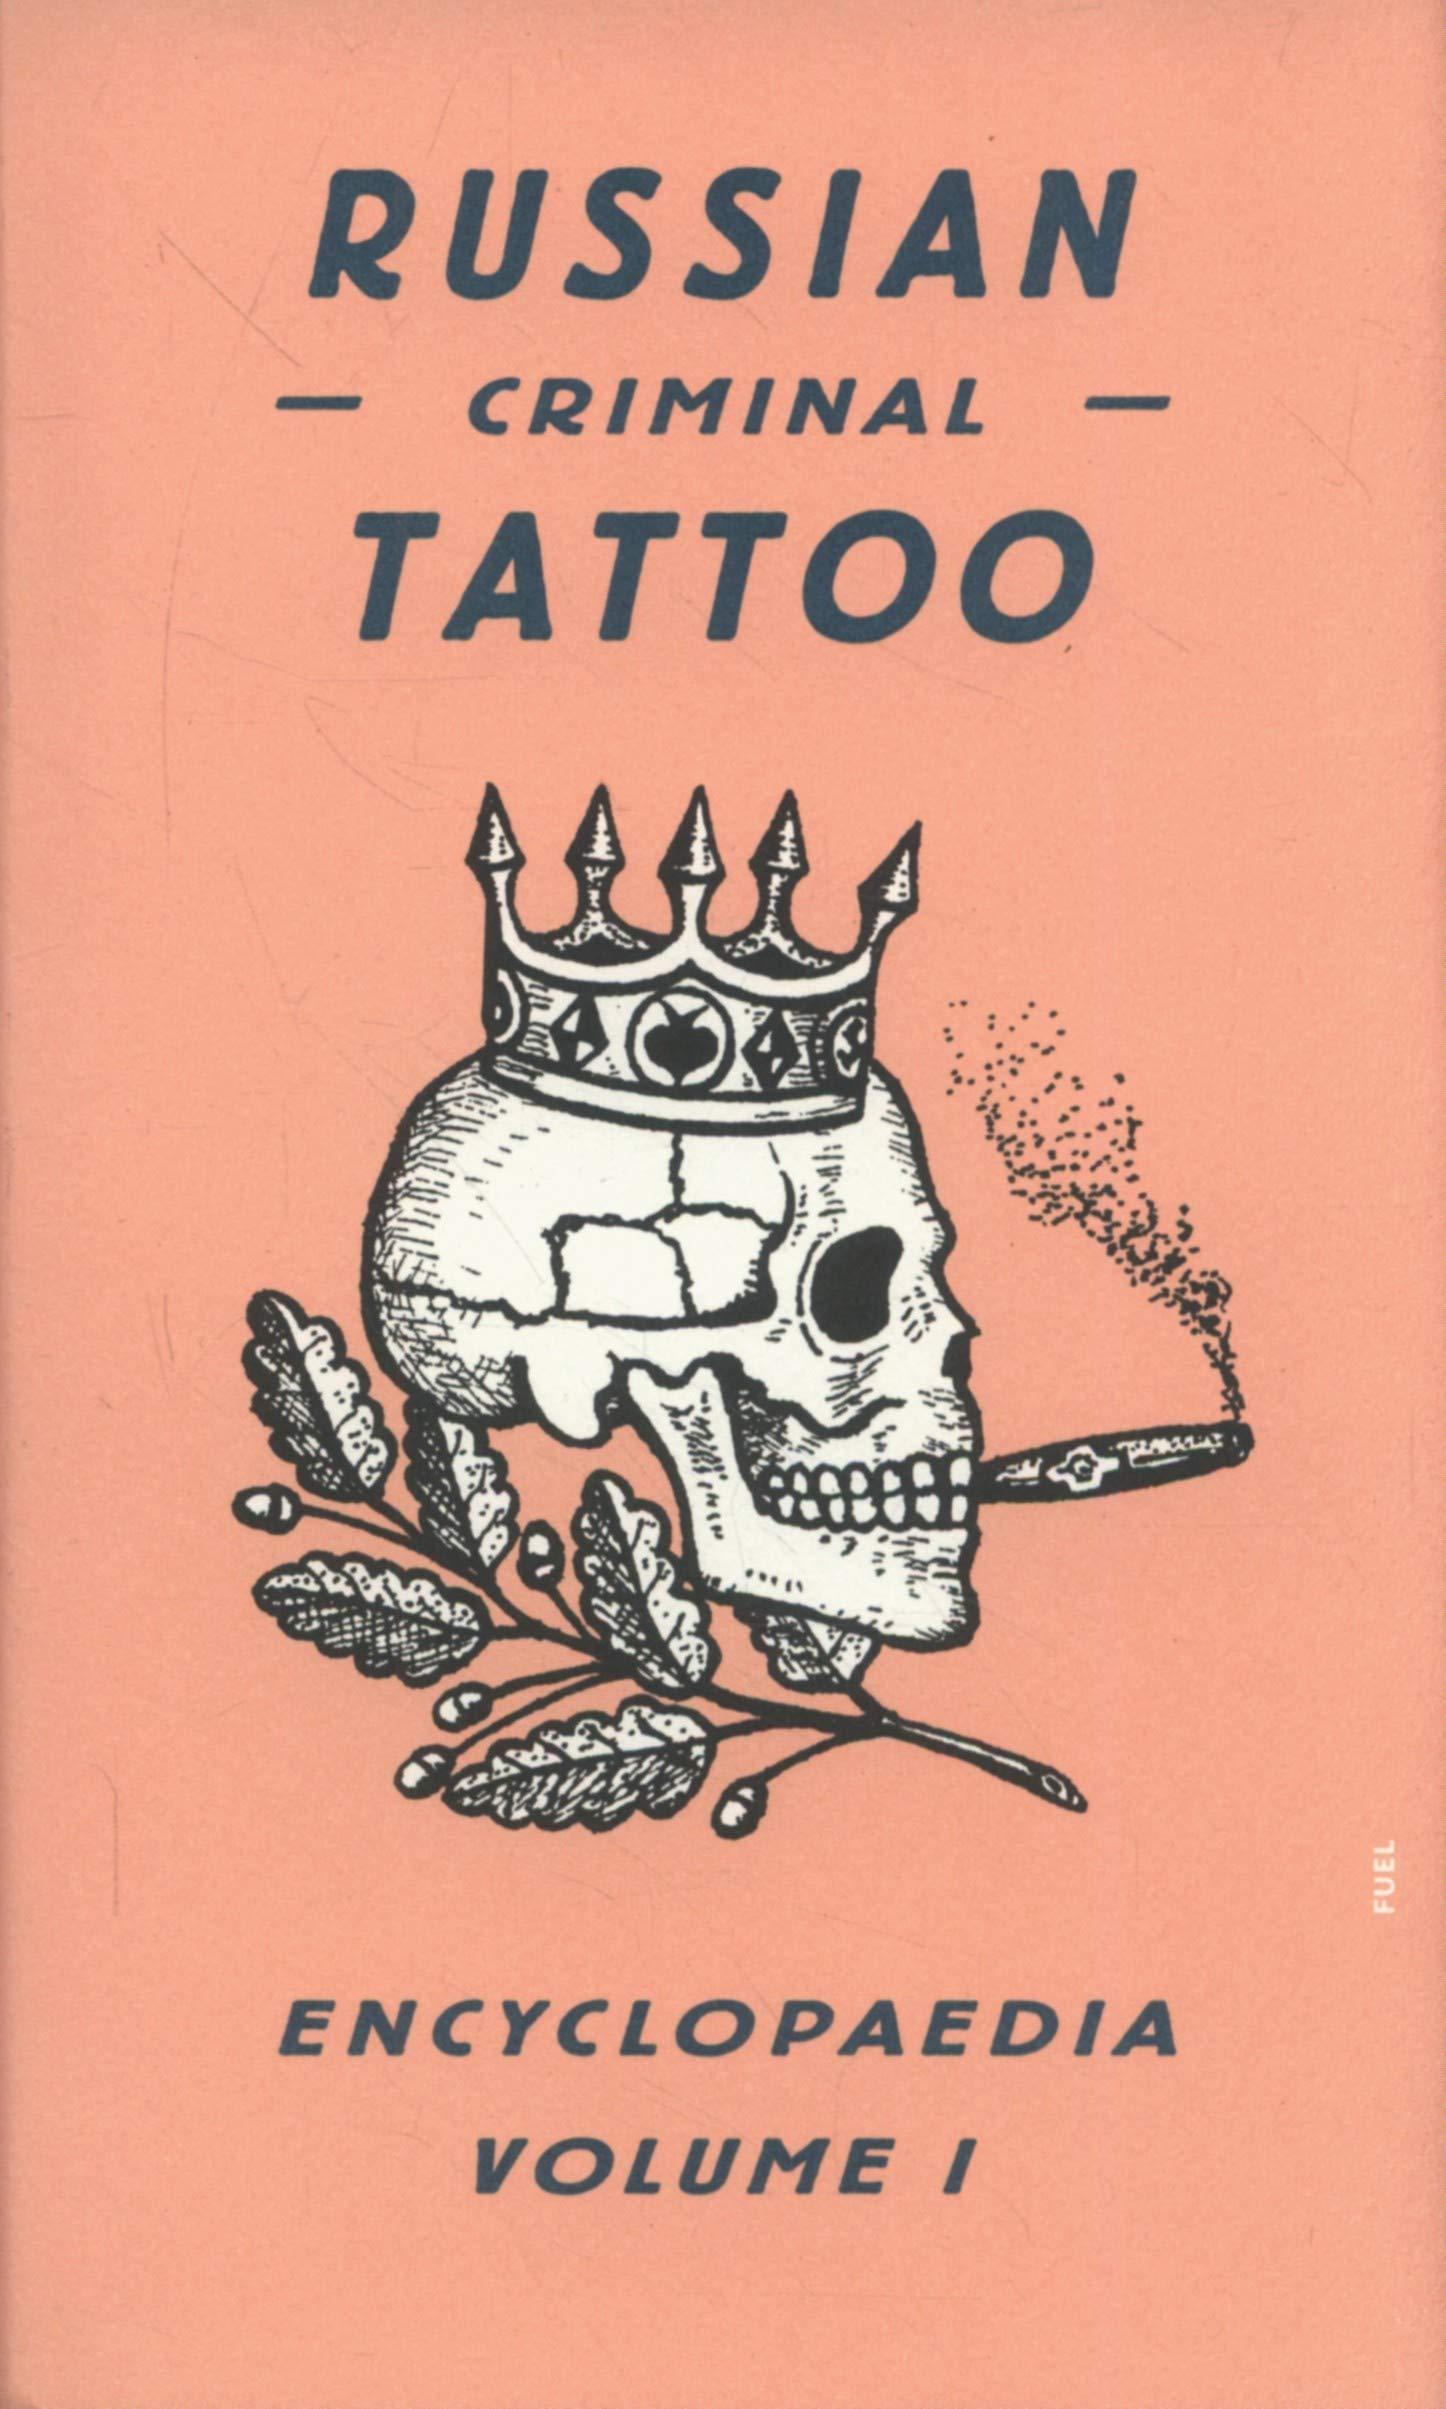 Russian criminal tattoo: 1 Russian Criminal Tattoo Encyclopaedia ...